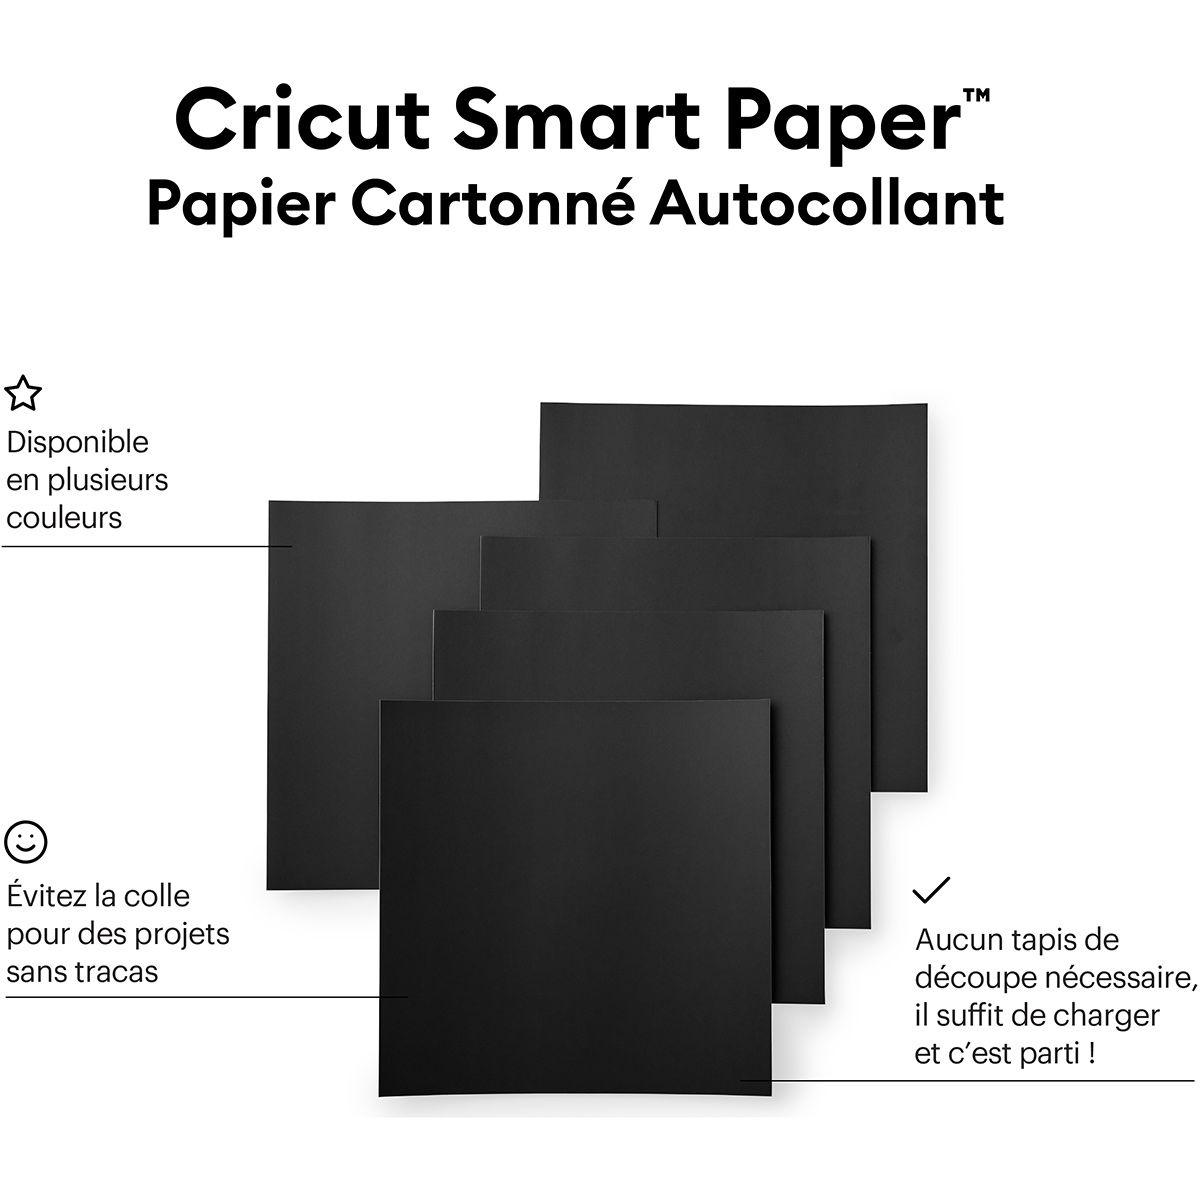 Papier cartonné autocollant Cricut Smart Paper - Noir